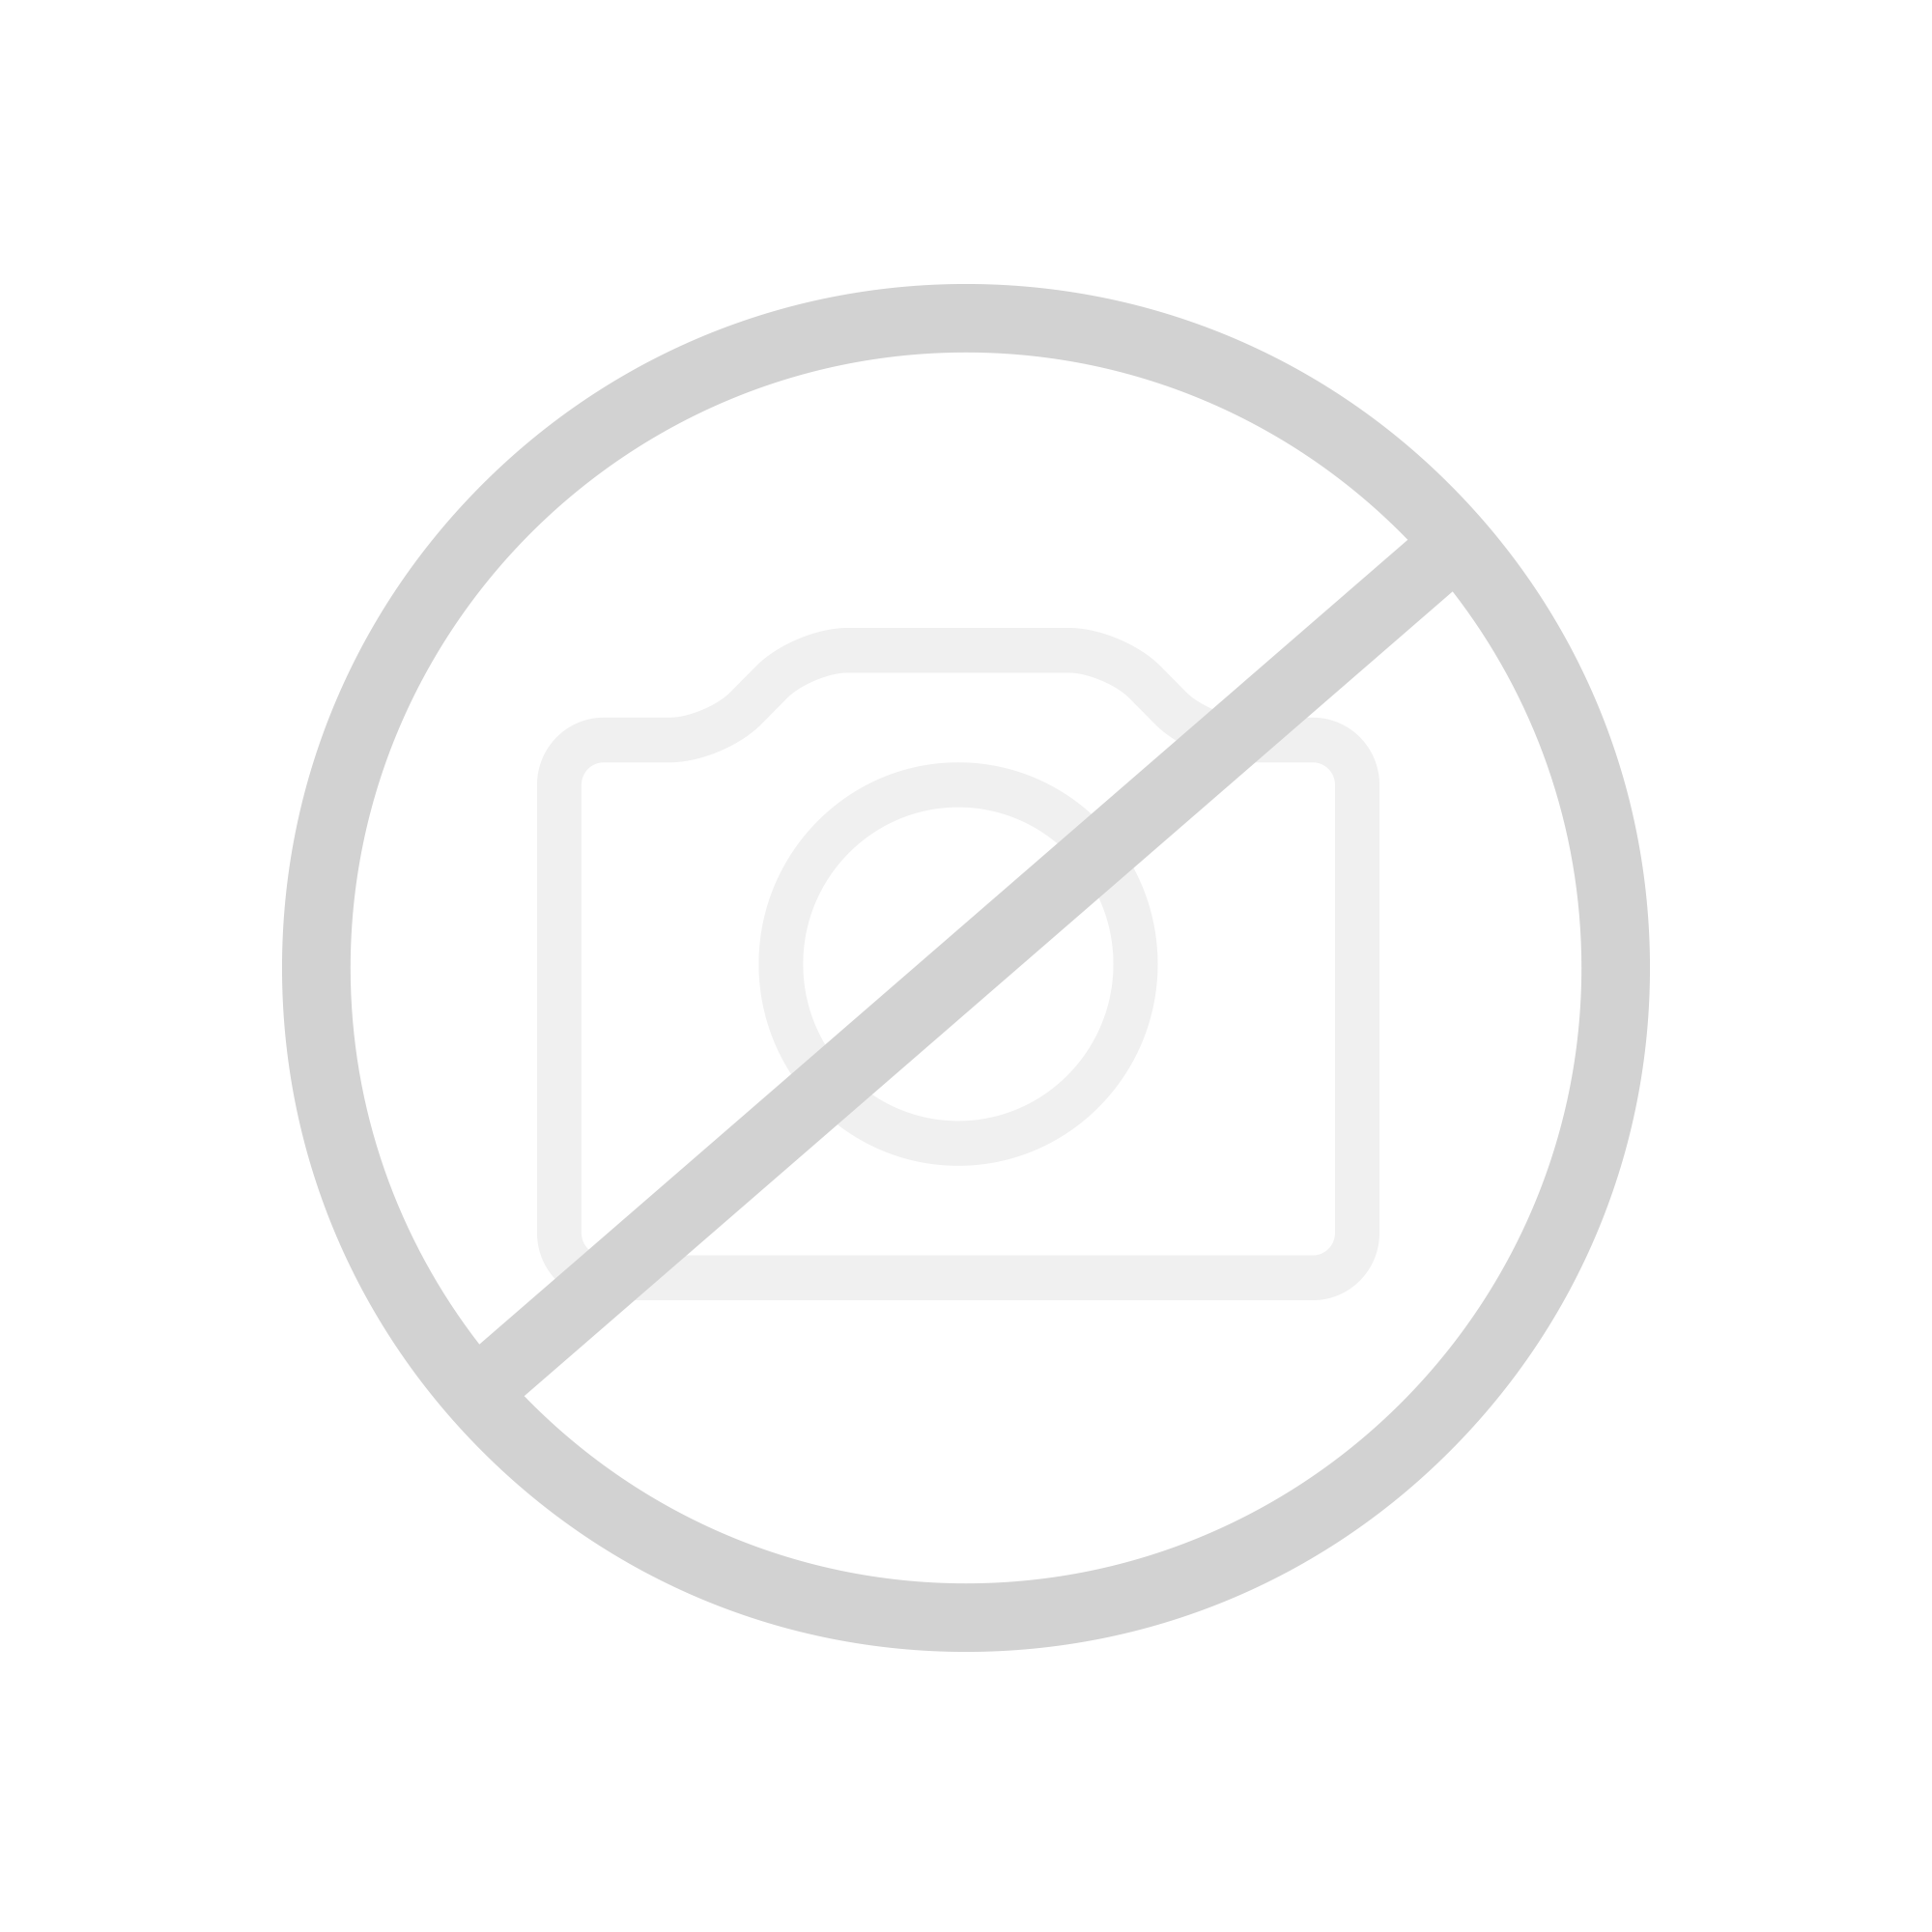 Vola 2112C Eingriffmischer für Wannenfüllung, Betätigungshebel: 25 mm Ausladung: 160 mm, chrom